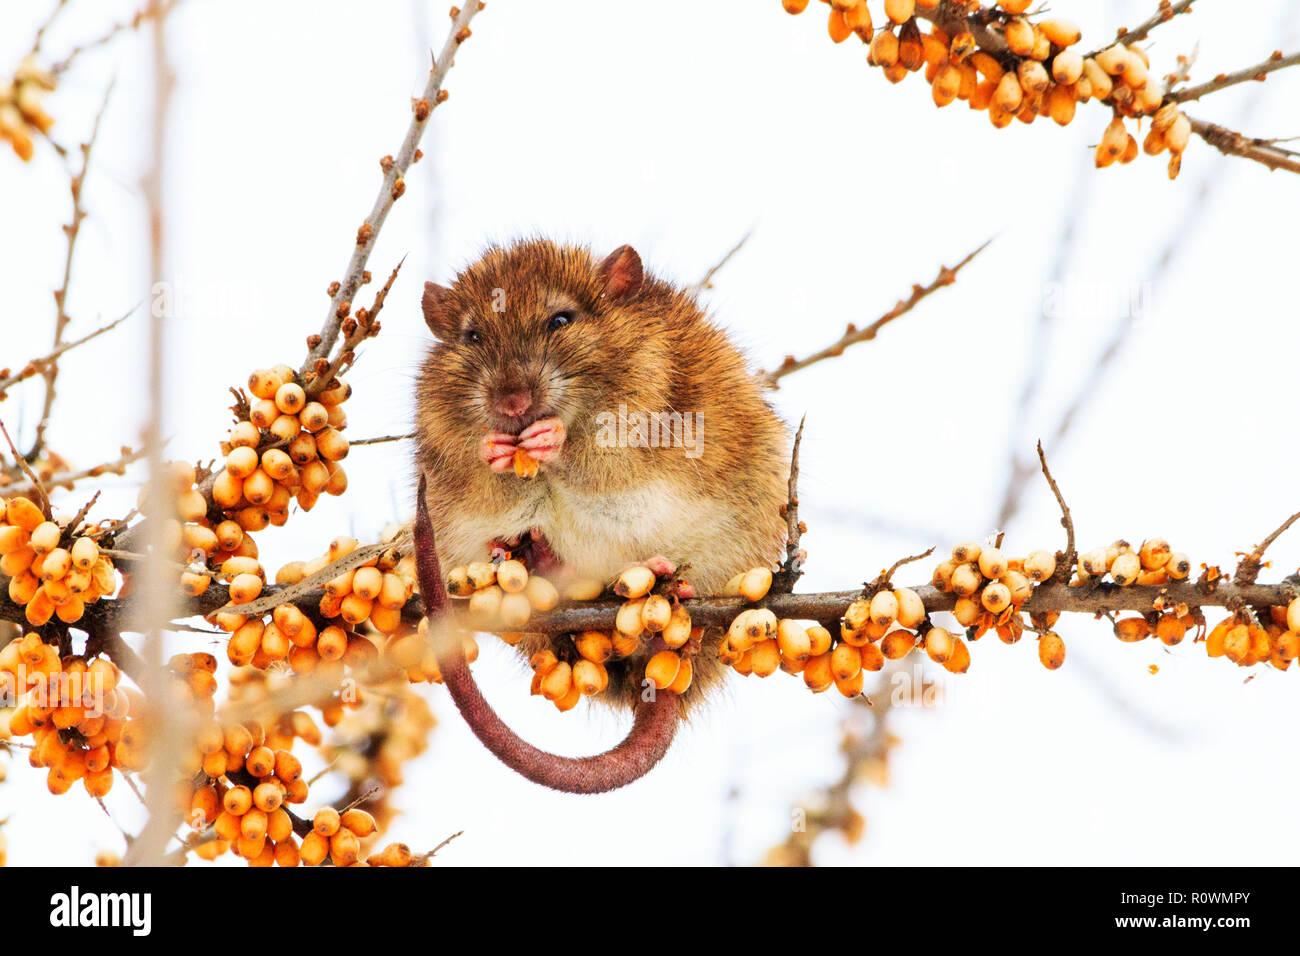 Graue Ratte Im Winter Isst Gelben Beeren Sitzen Auf Einem Ast Der